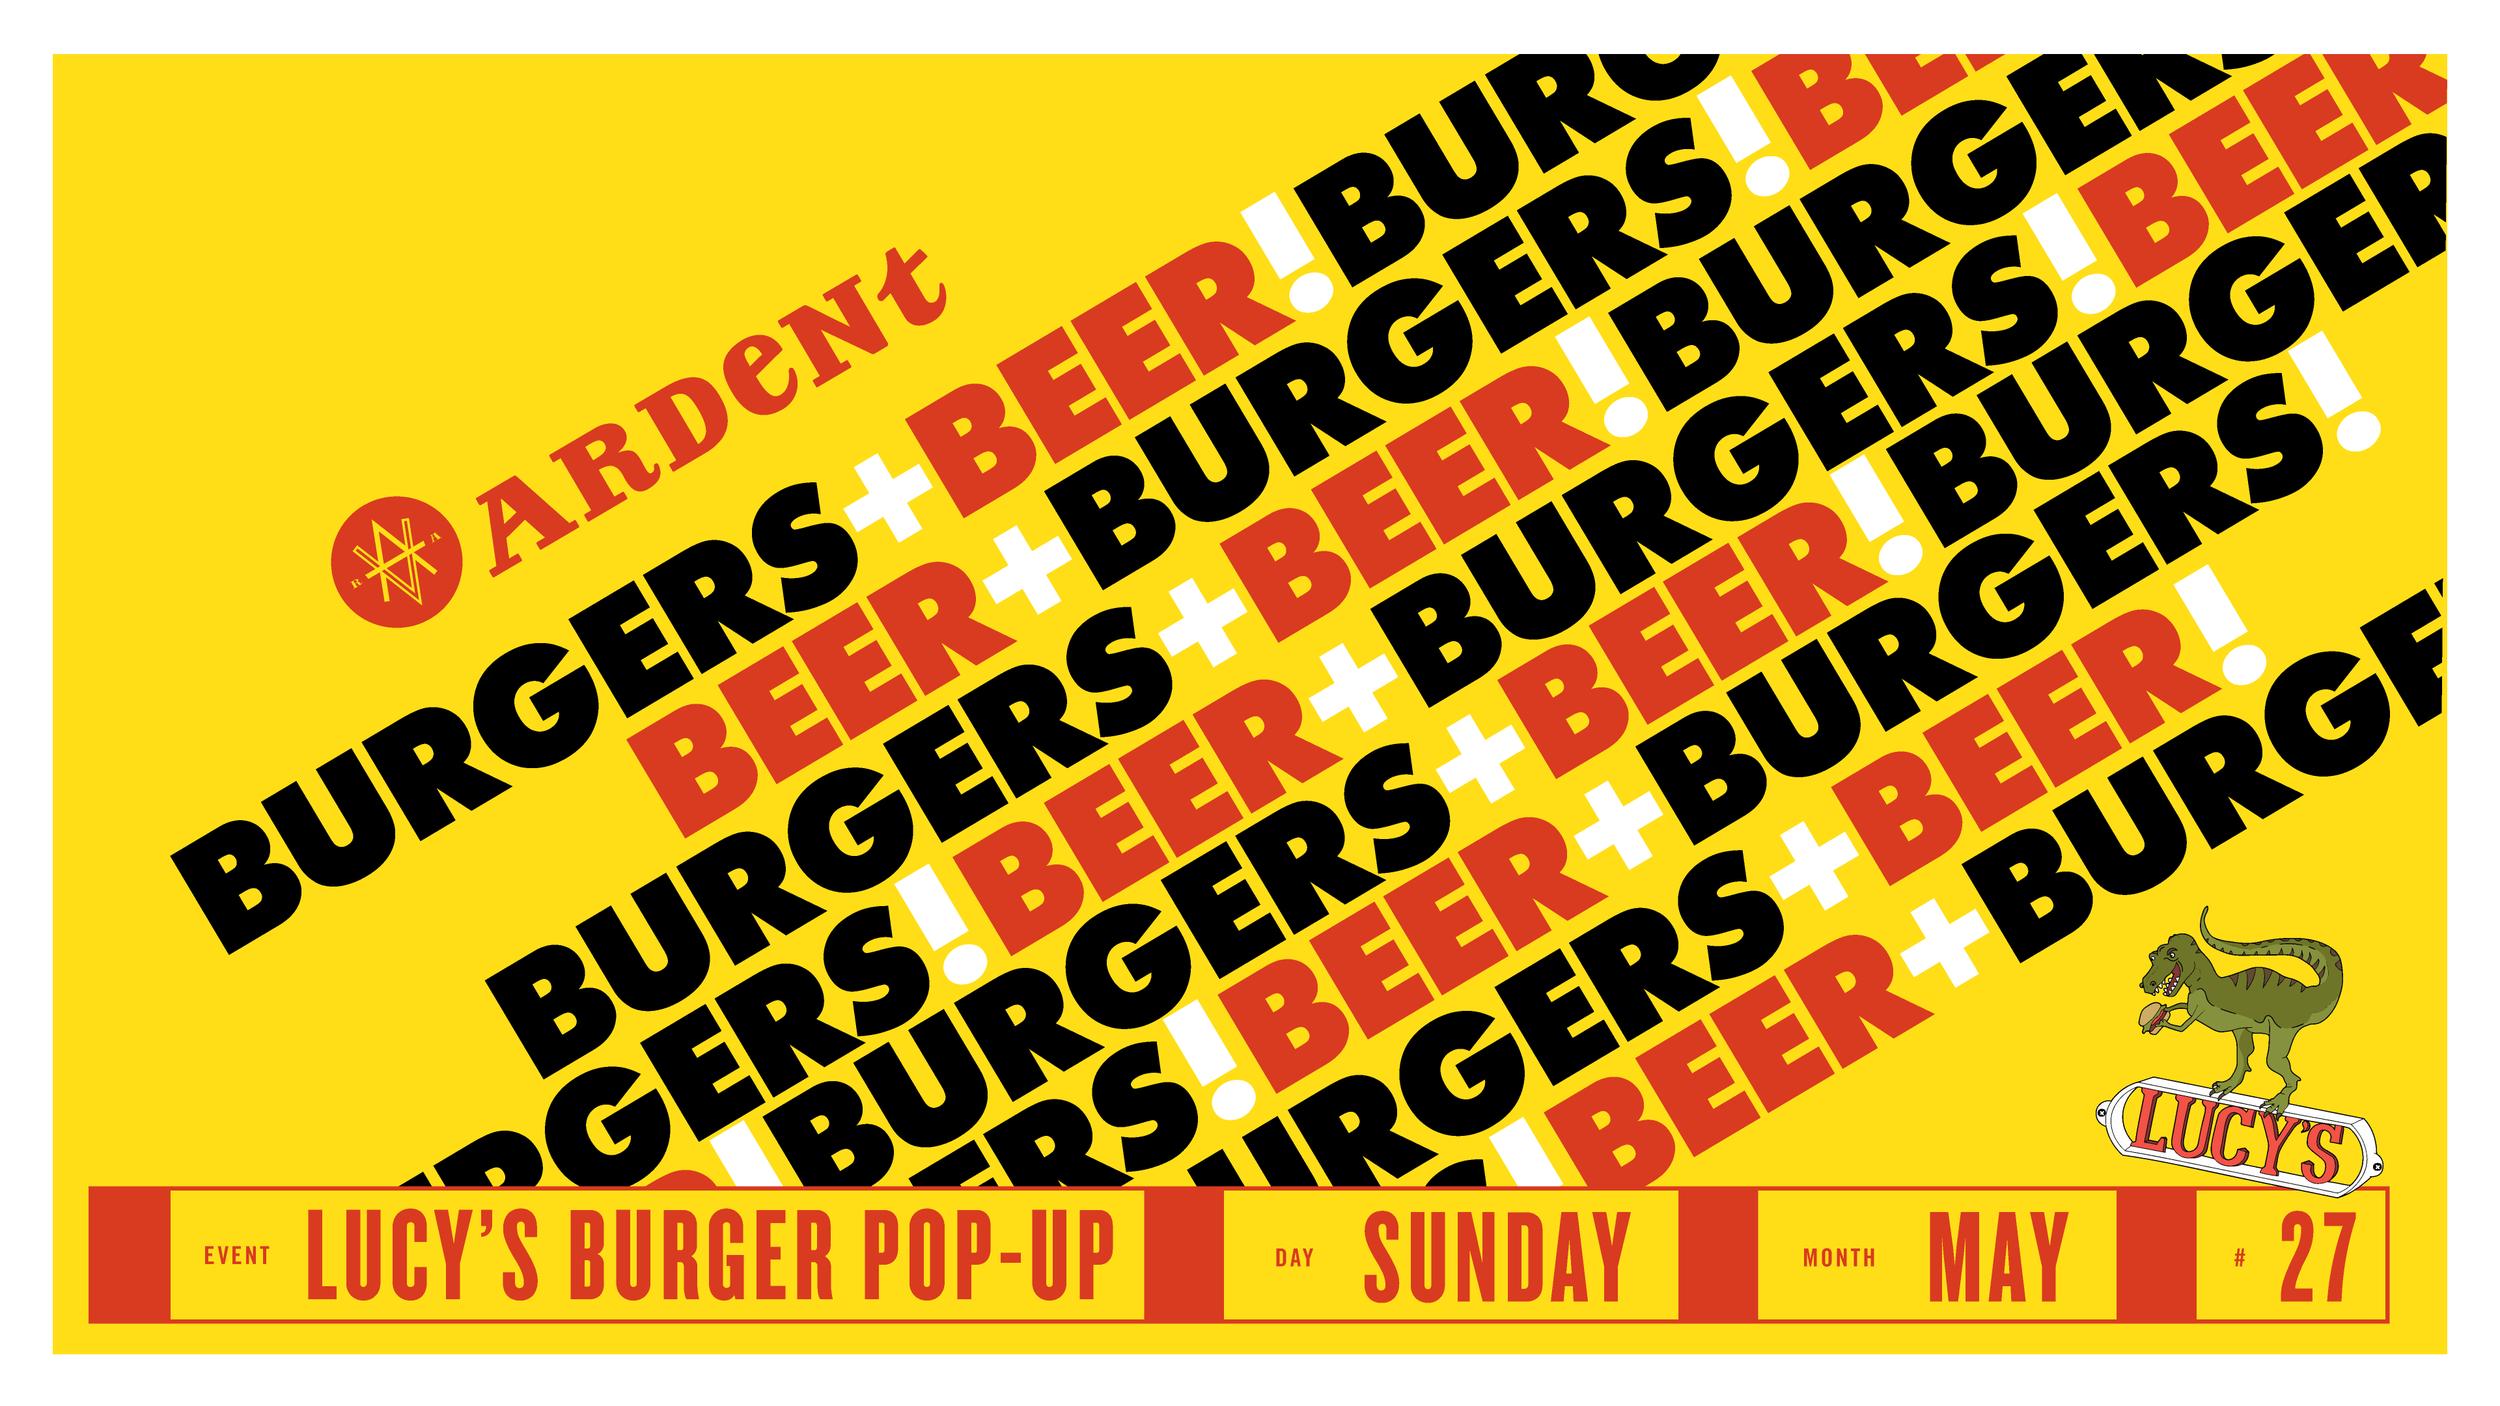 burger-fb-event.png